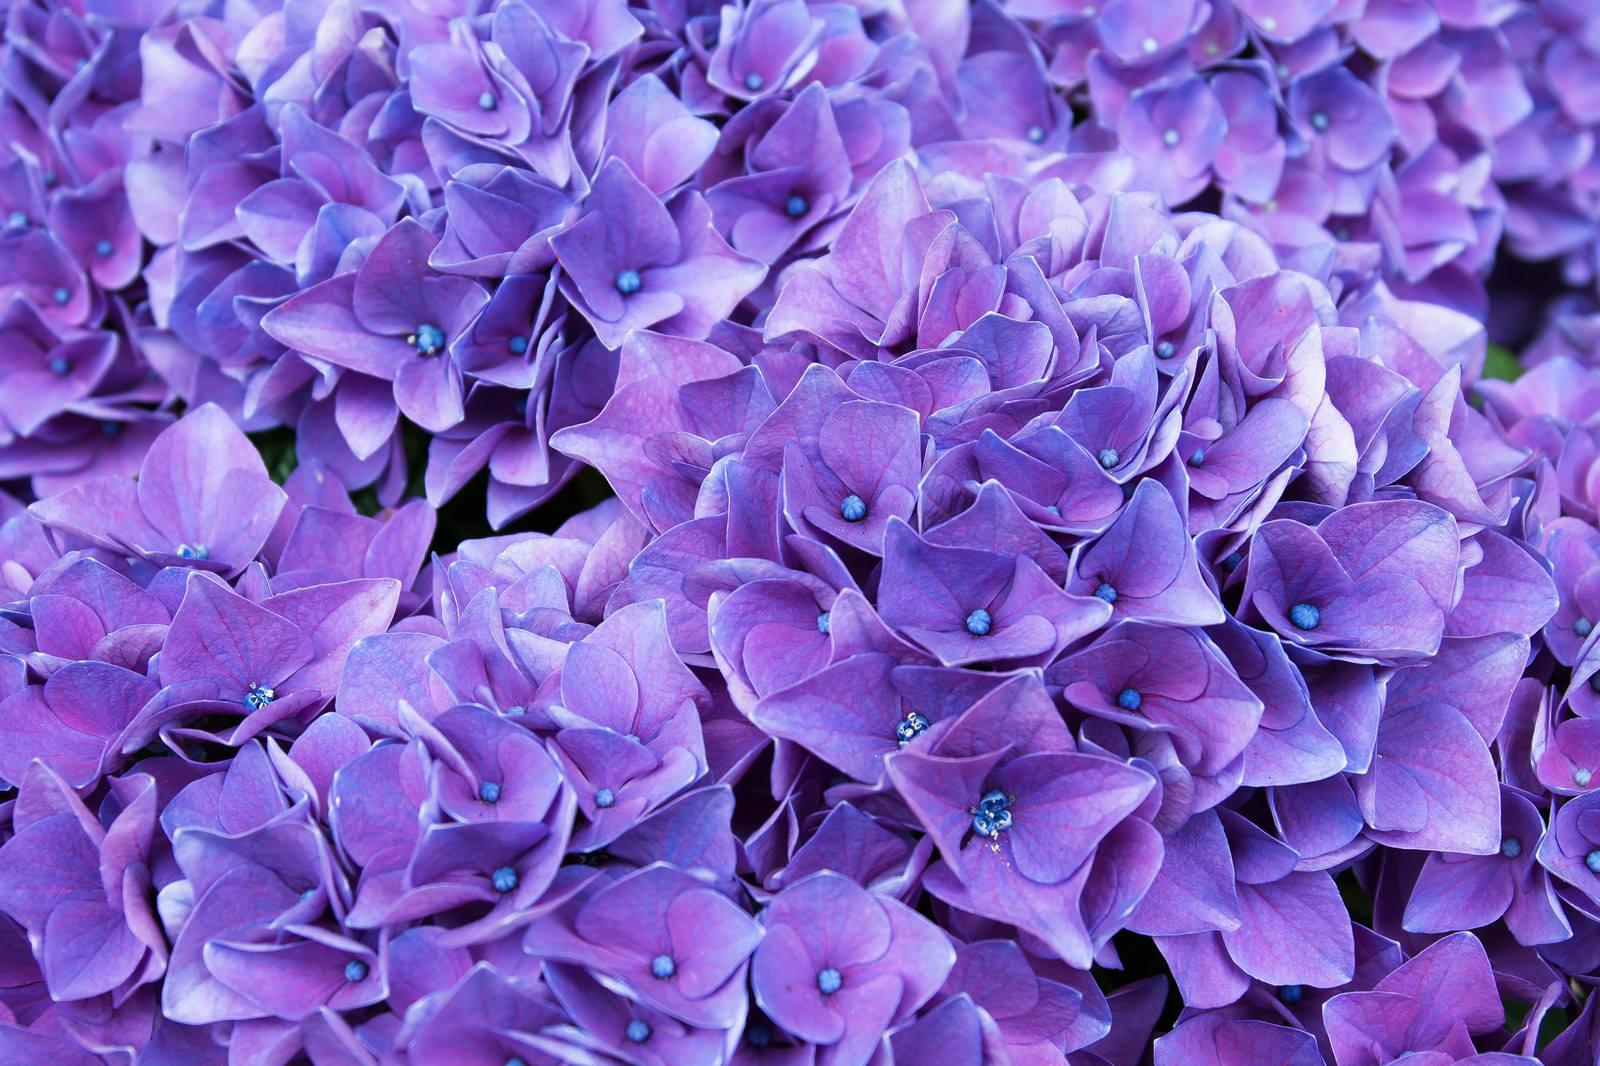 「満開の紫陽花(ハワイアングレープ)」の写真